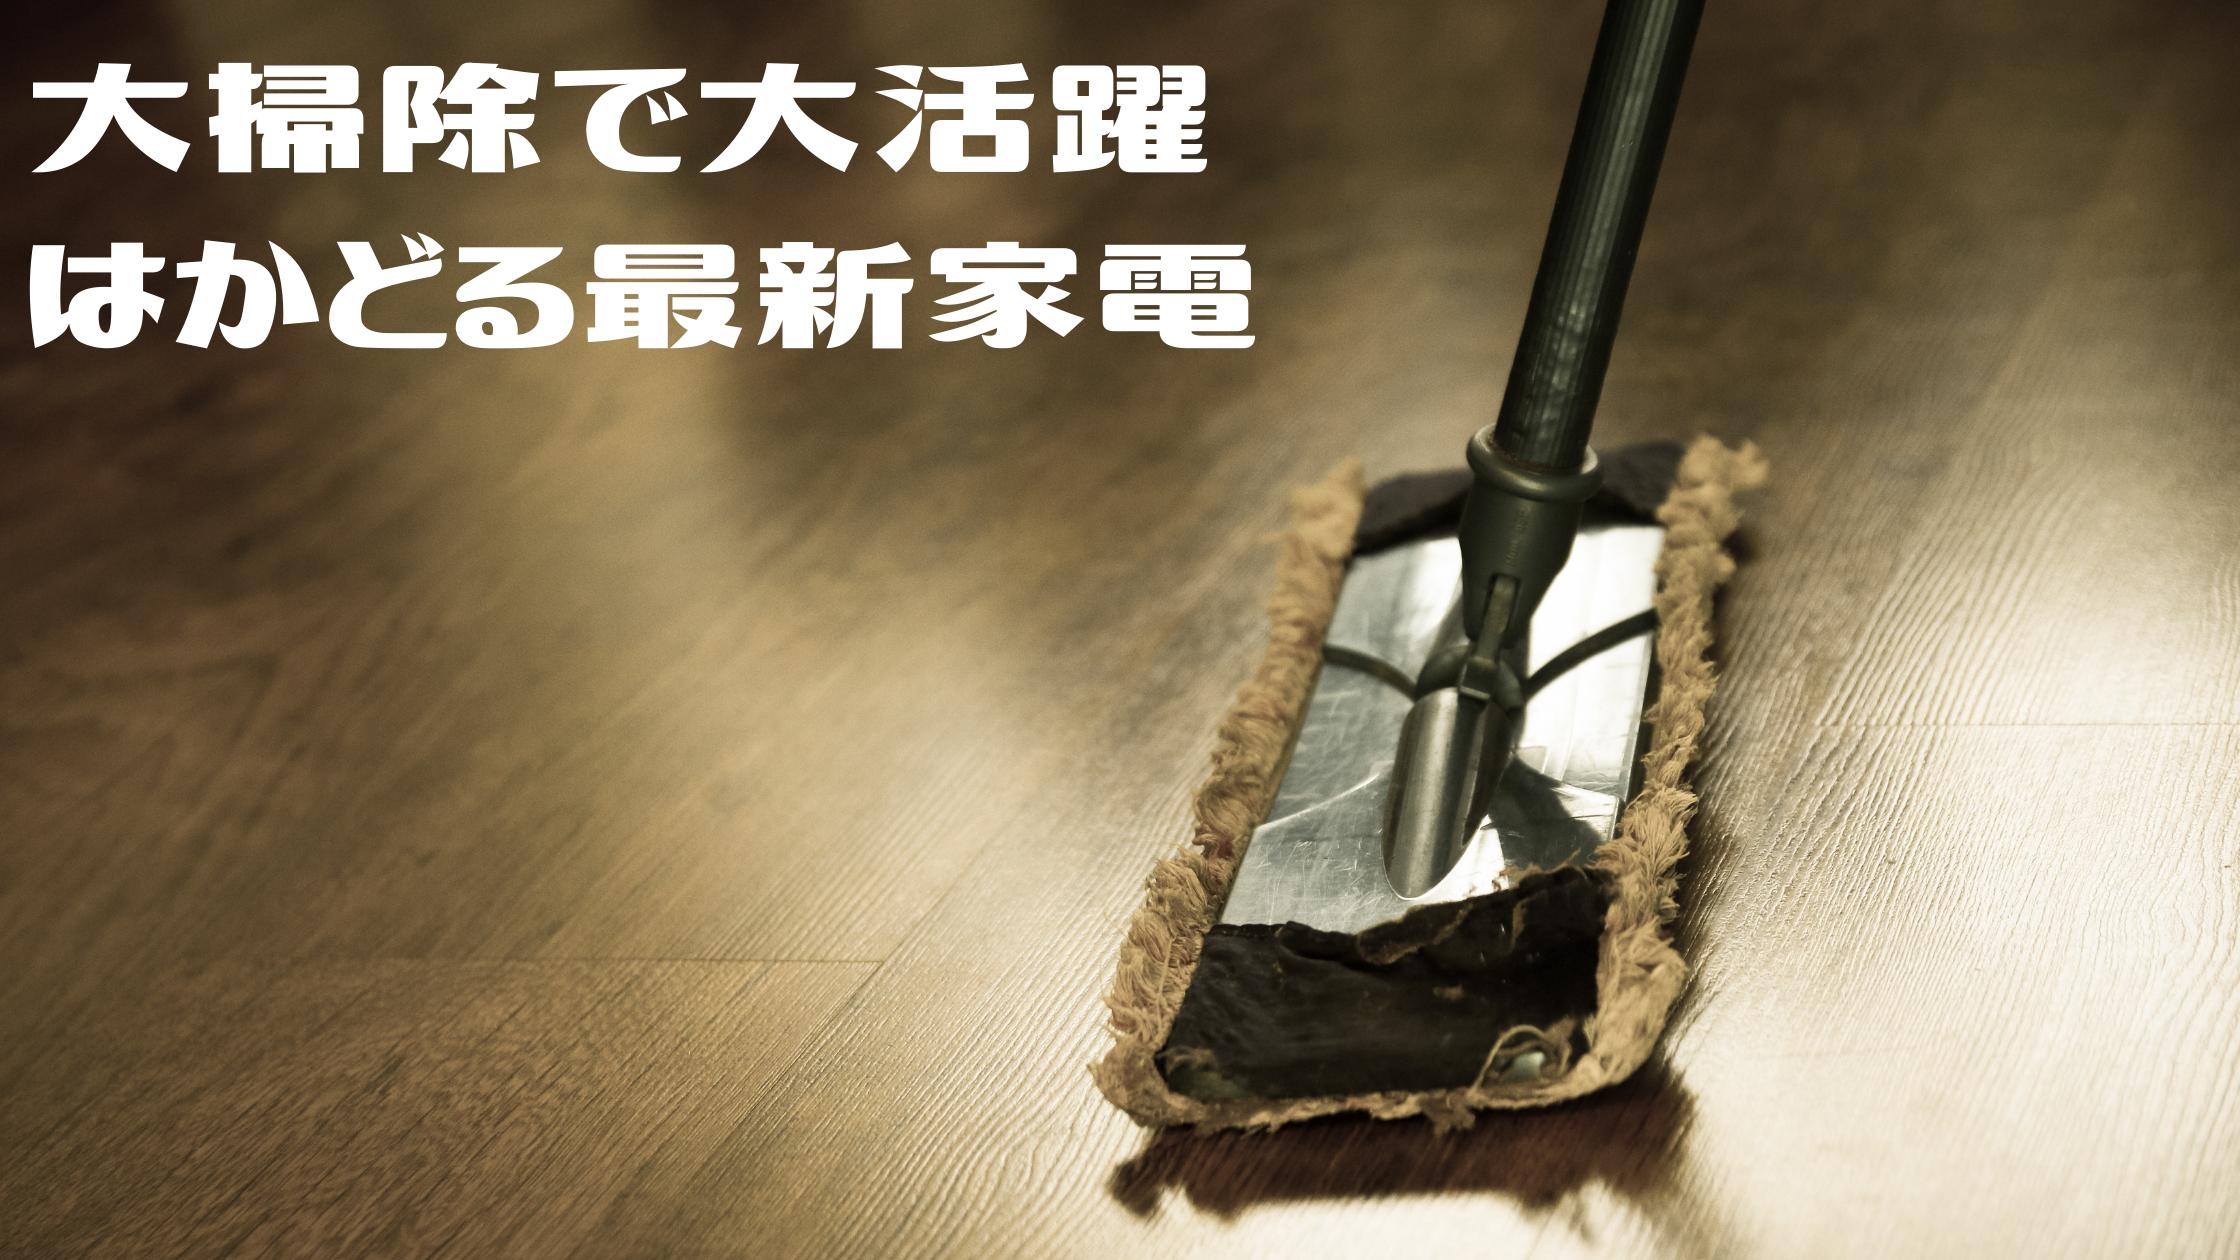 【ヒルナンデス】『超パワフルスチームモップ』『水洗いするクリーナー』テンション上がる掃除家電